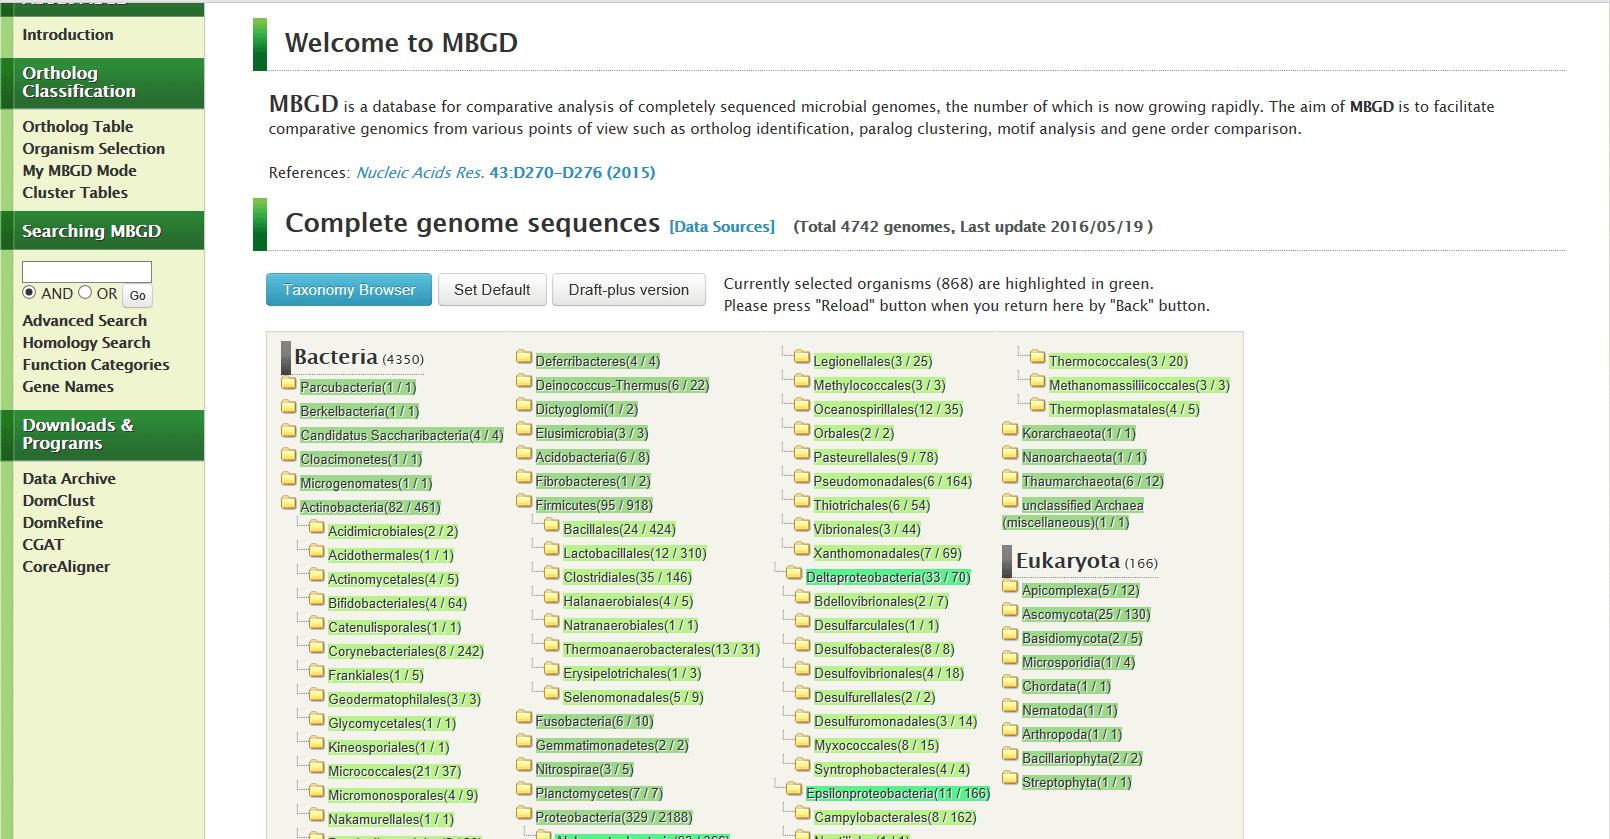 Fig. 4. MBGD database